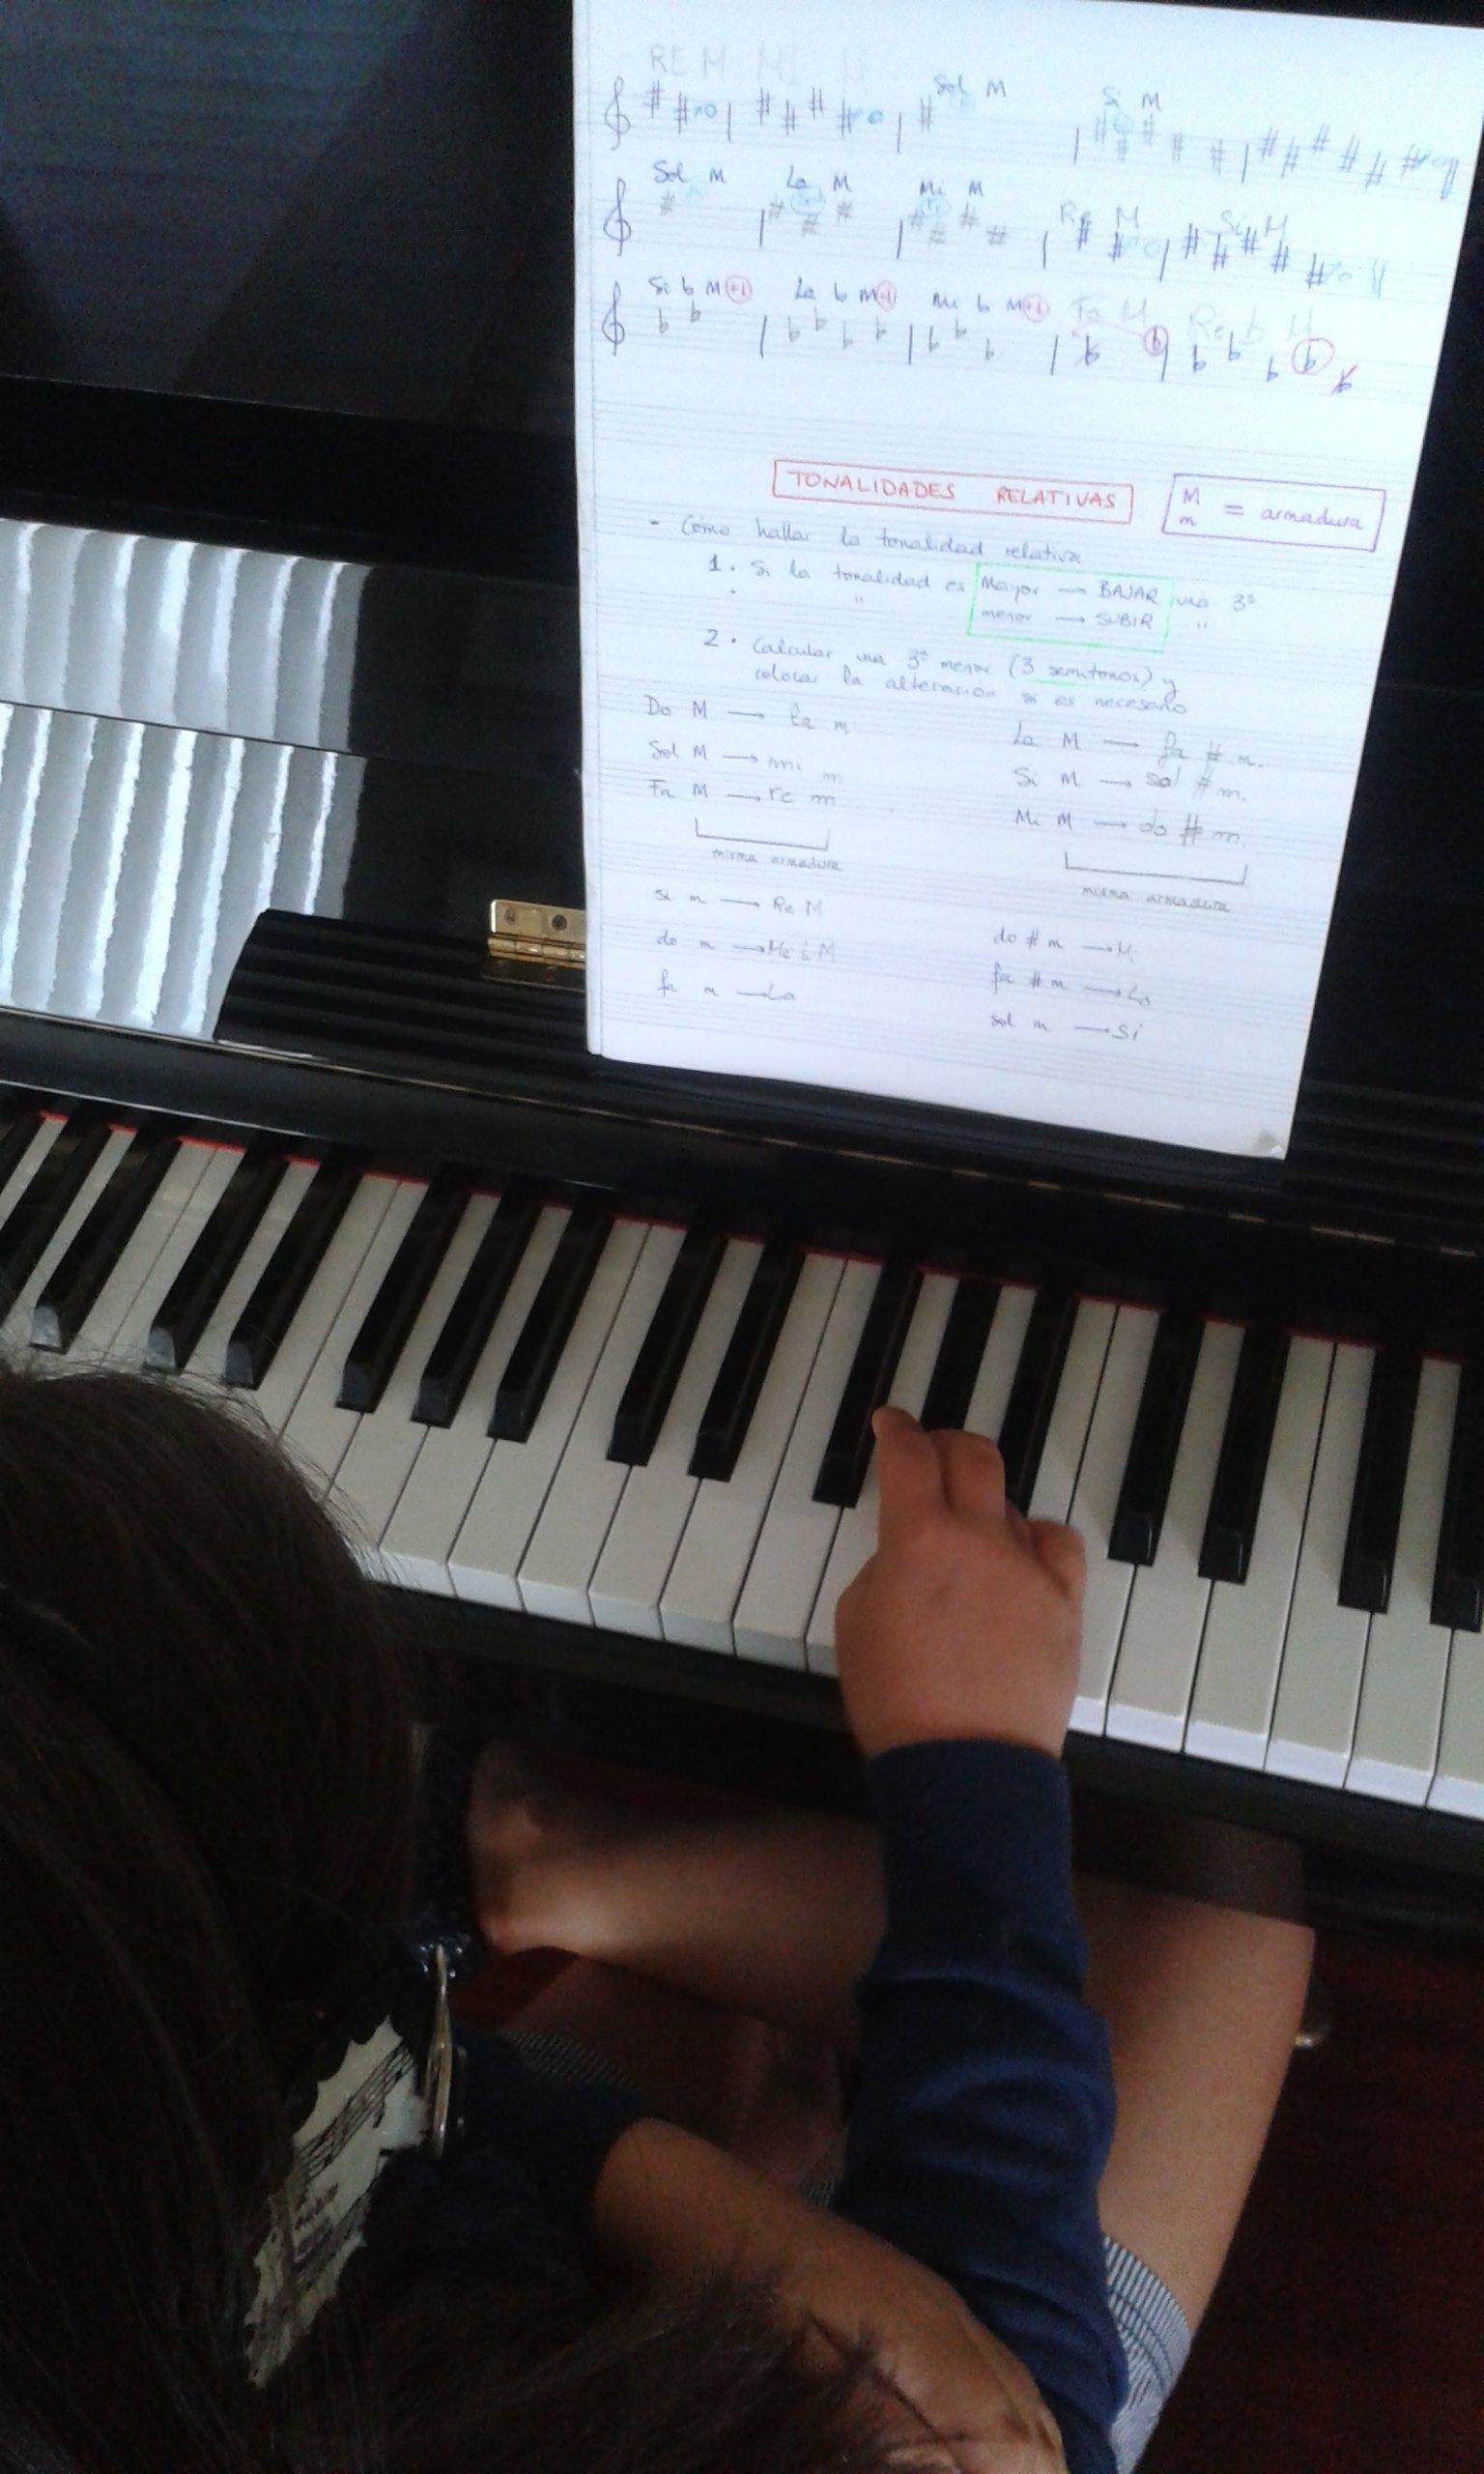 Calculando las tonalidades relativas en el piano